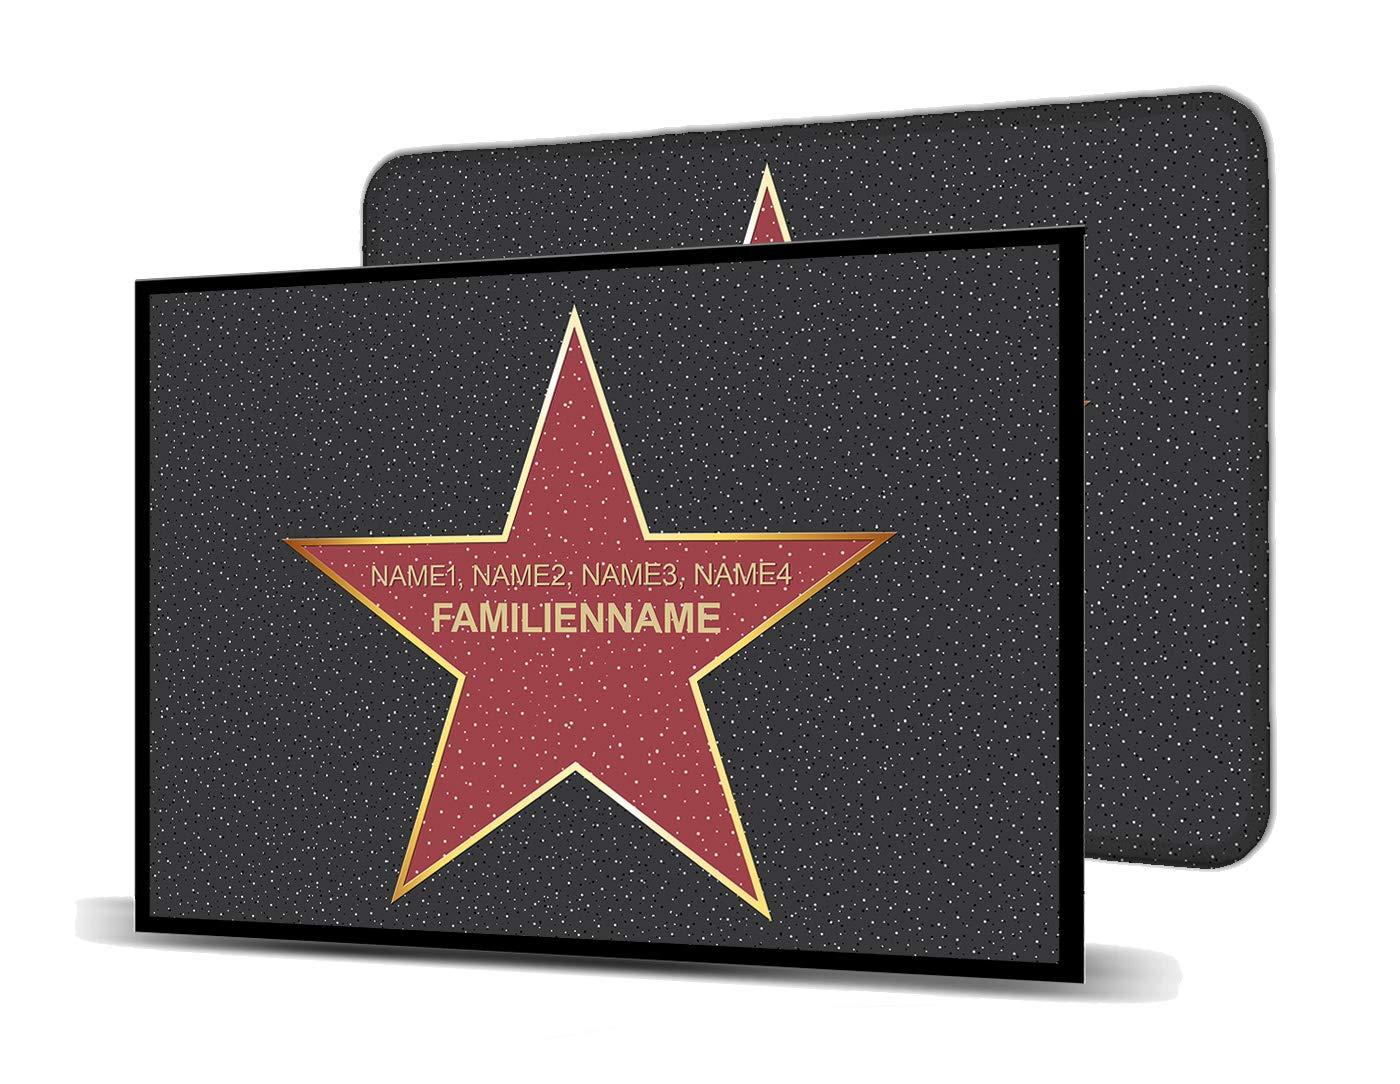 Printalio Wunschtext - Walk of Fame - Schmutzmatte Bodenvorleger Fußmatte Türmatte Abtreter Abstreifer gummierter Rand Rutschfest Waschbar individuell   145 cm x 85 cm